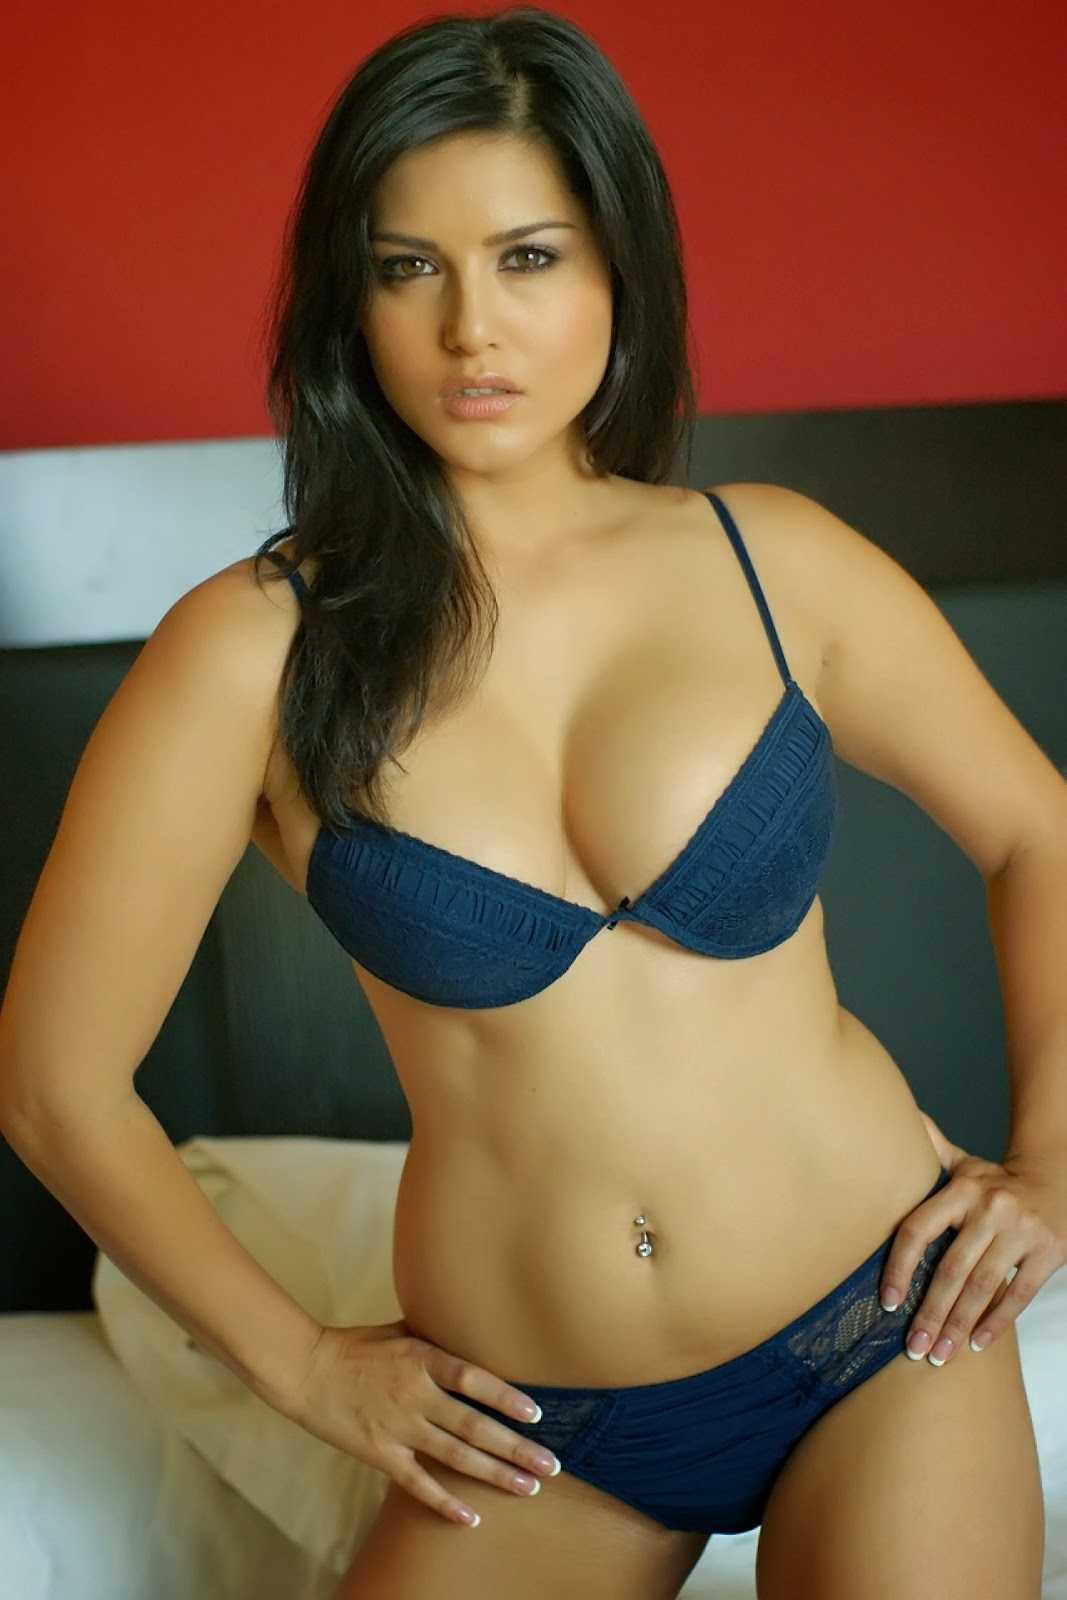 sunny leone hot bikini pic